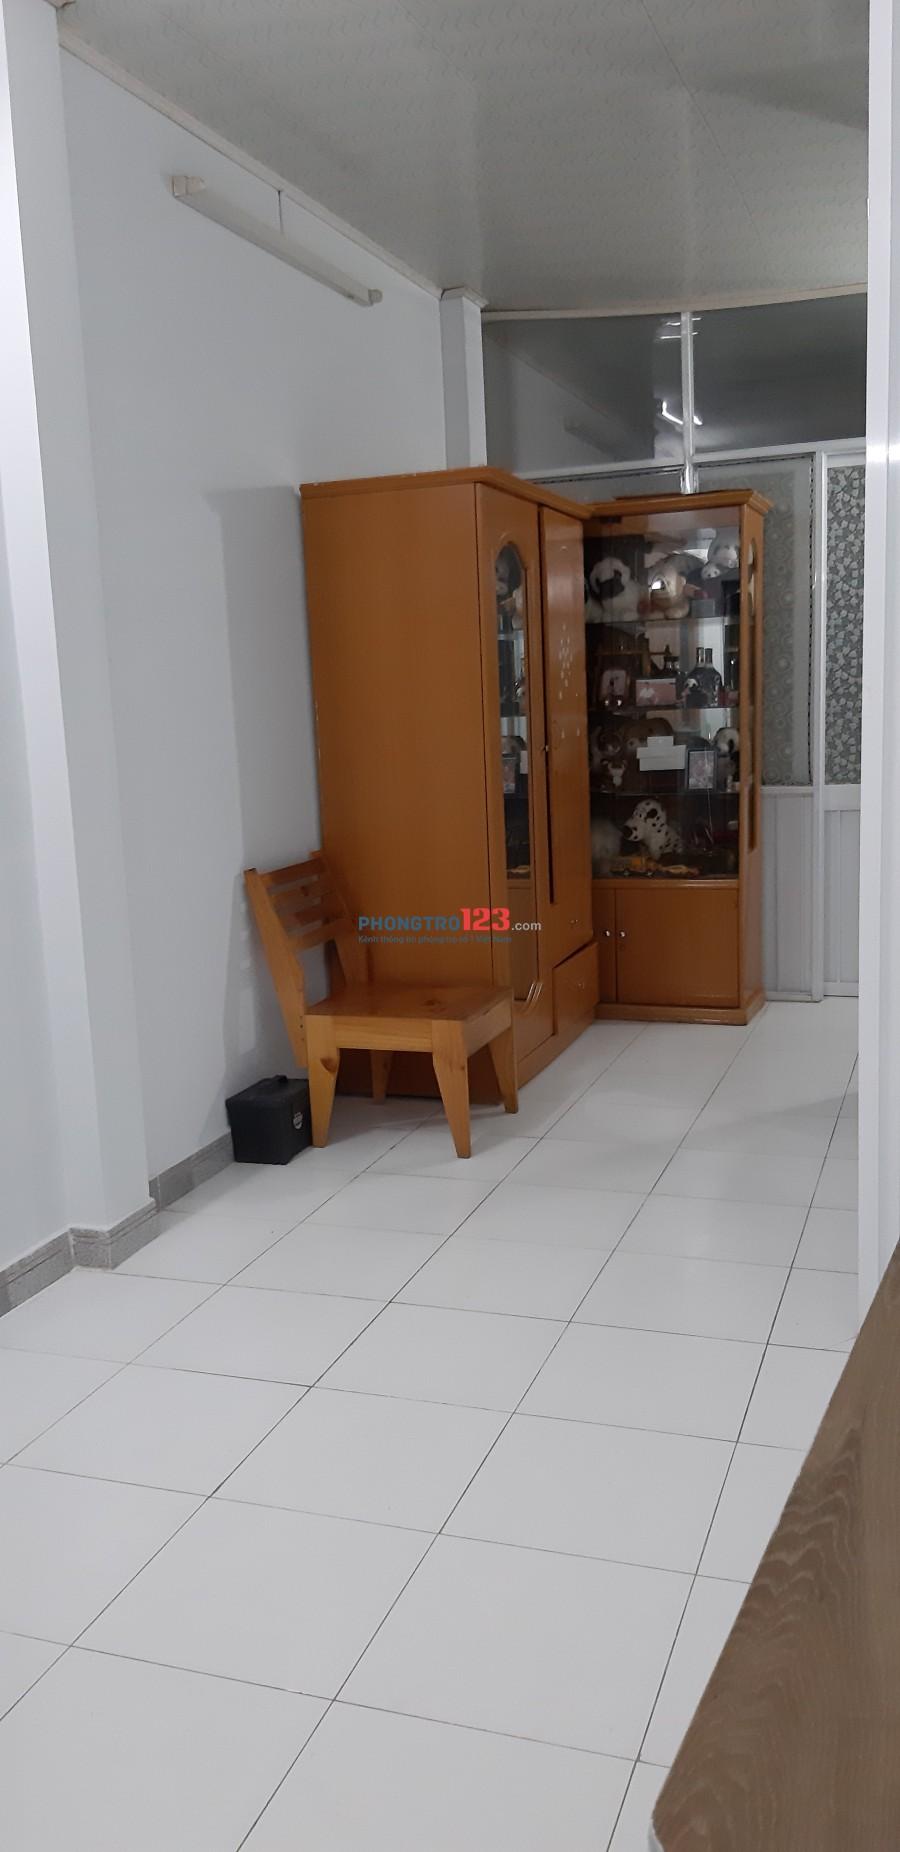 Cho thuê phòng Bình Thạnh - Phòng rộng, sạch sẽ